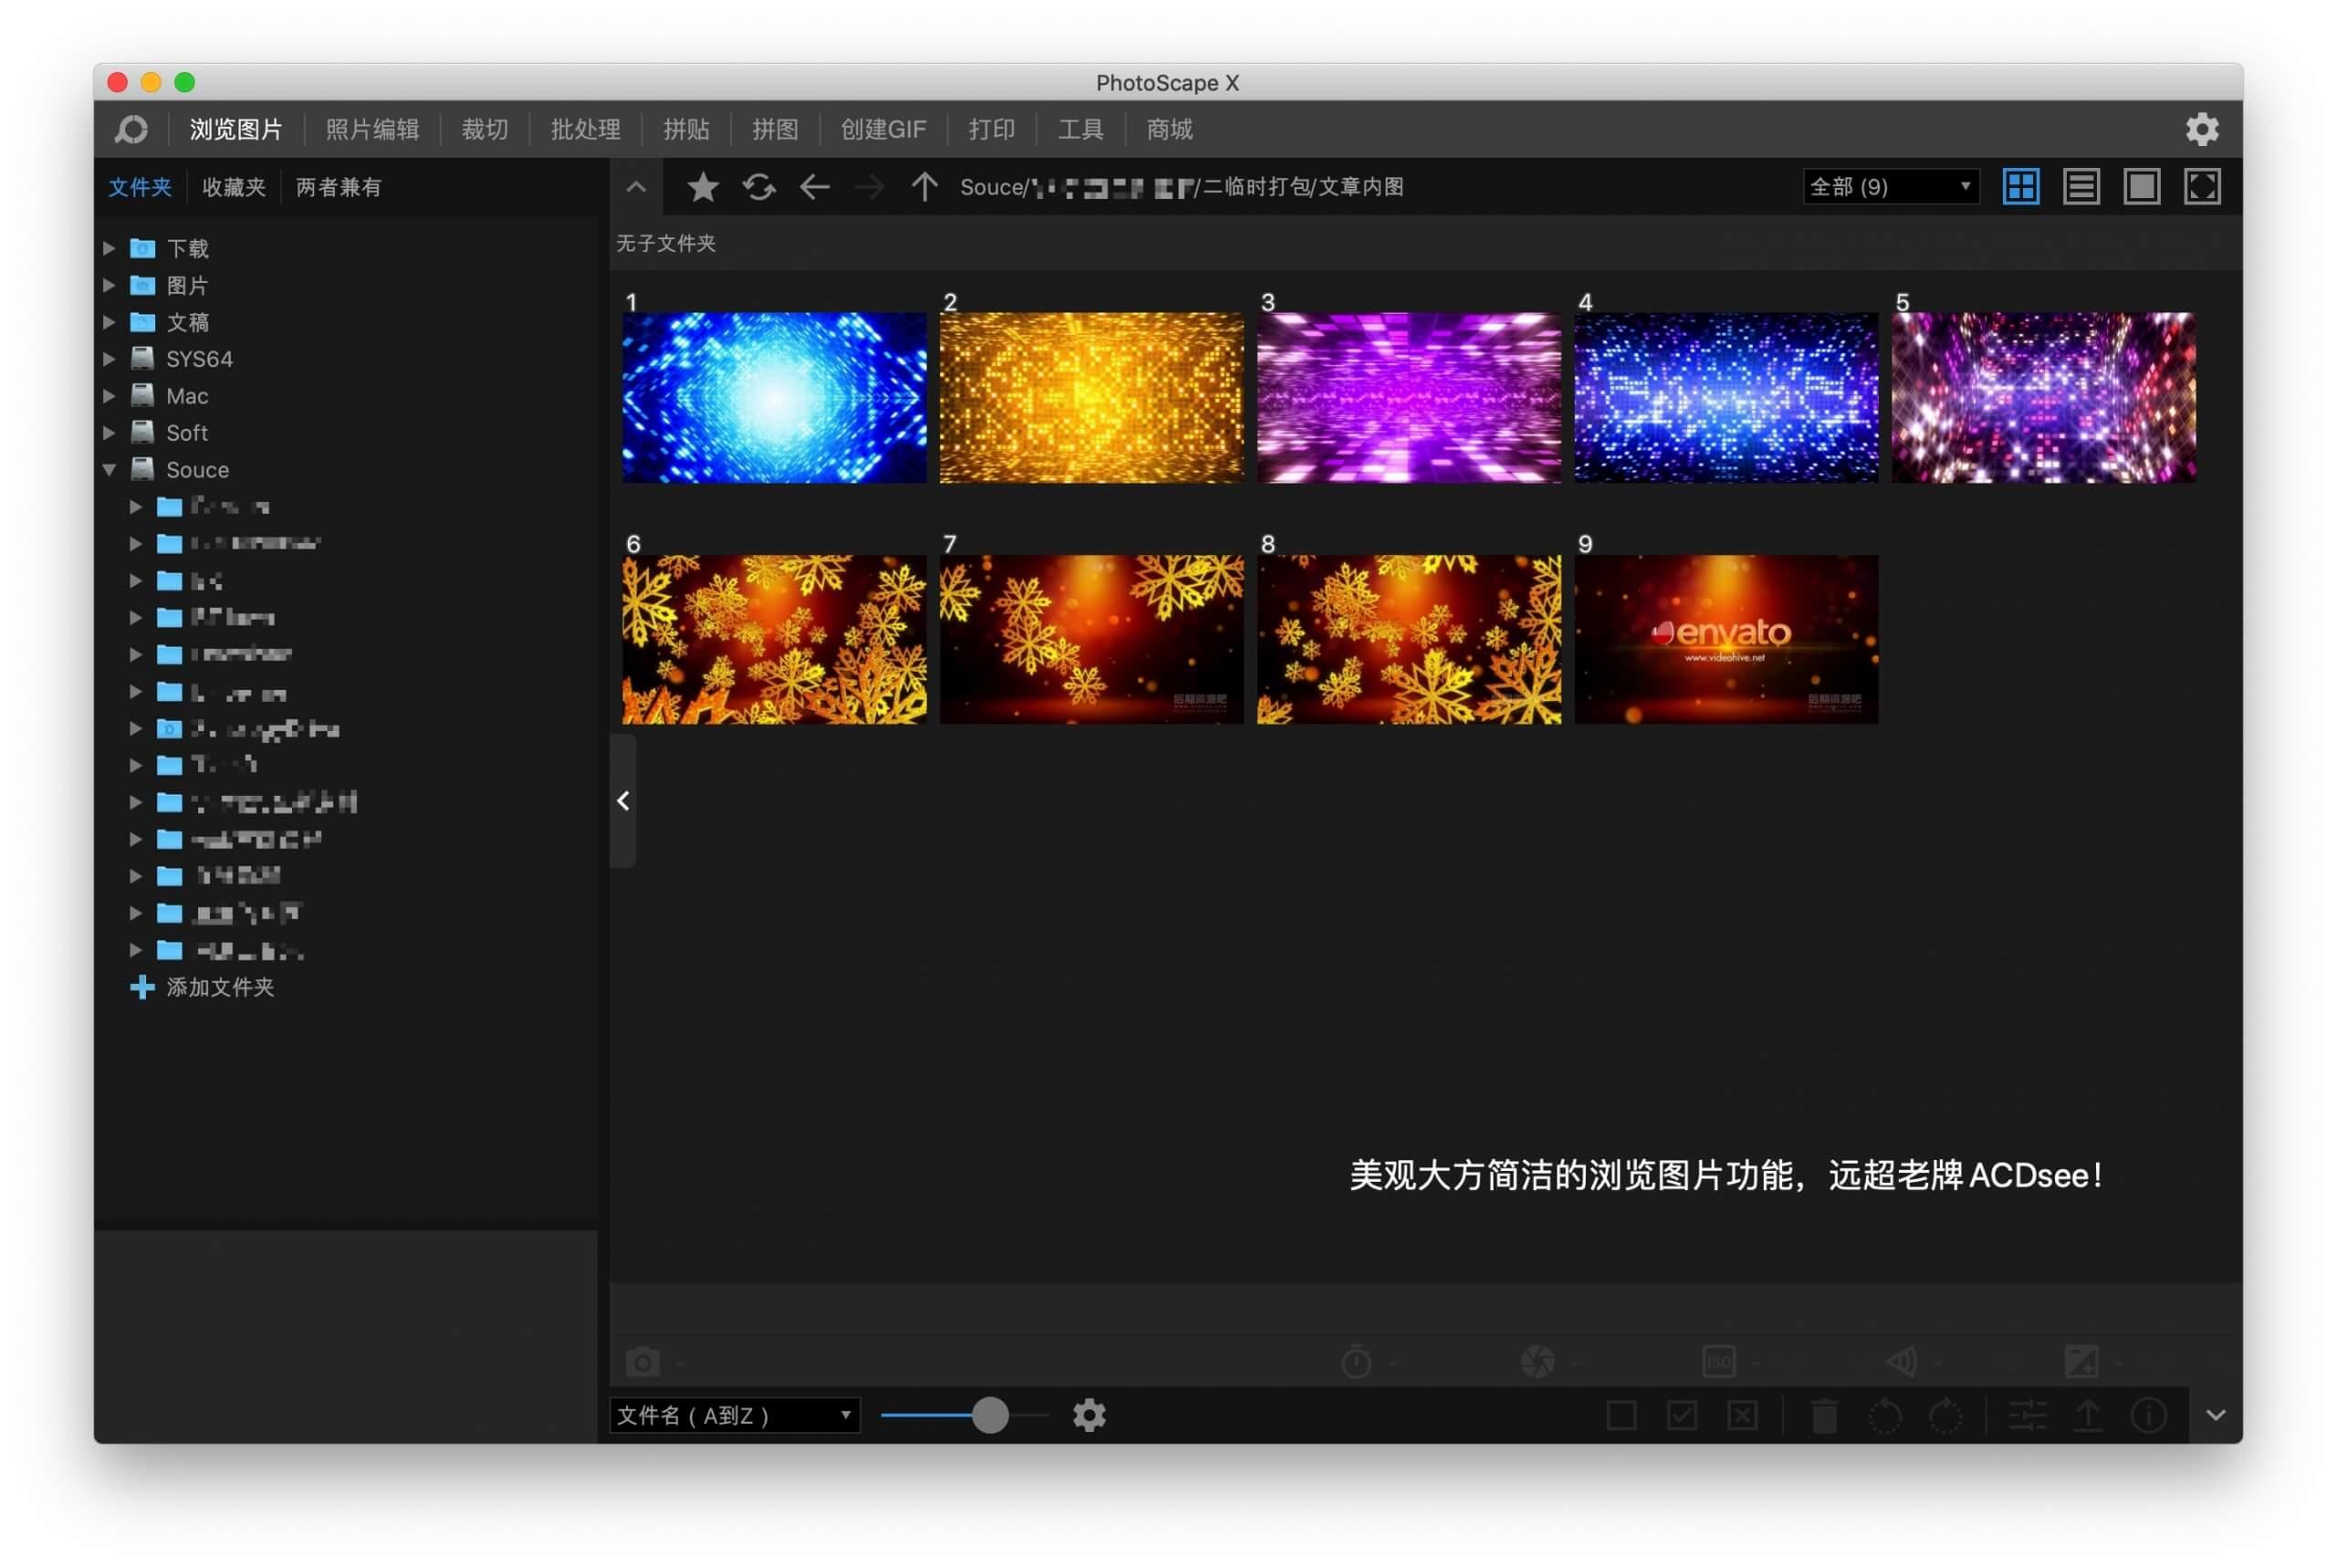 PhotoScape X Pro 4.0.1 比ACDsee优秀的照片编辑工具 支持Catalina